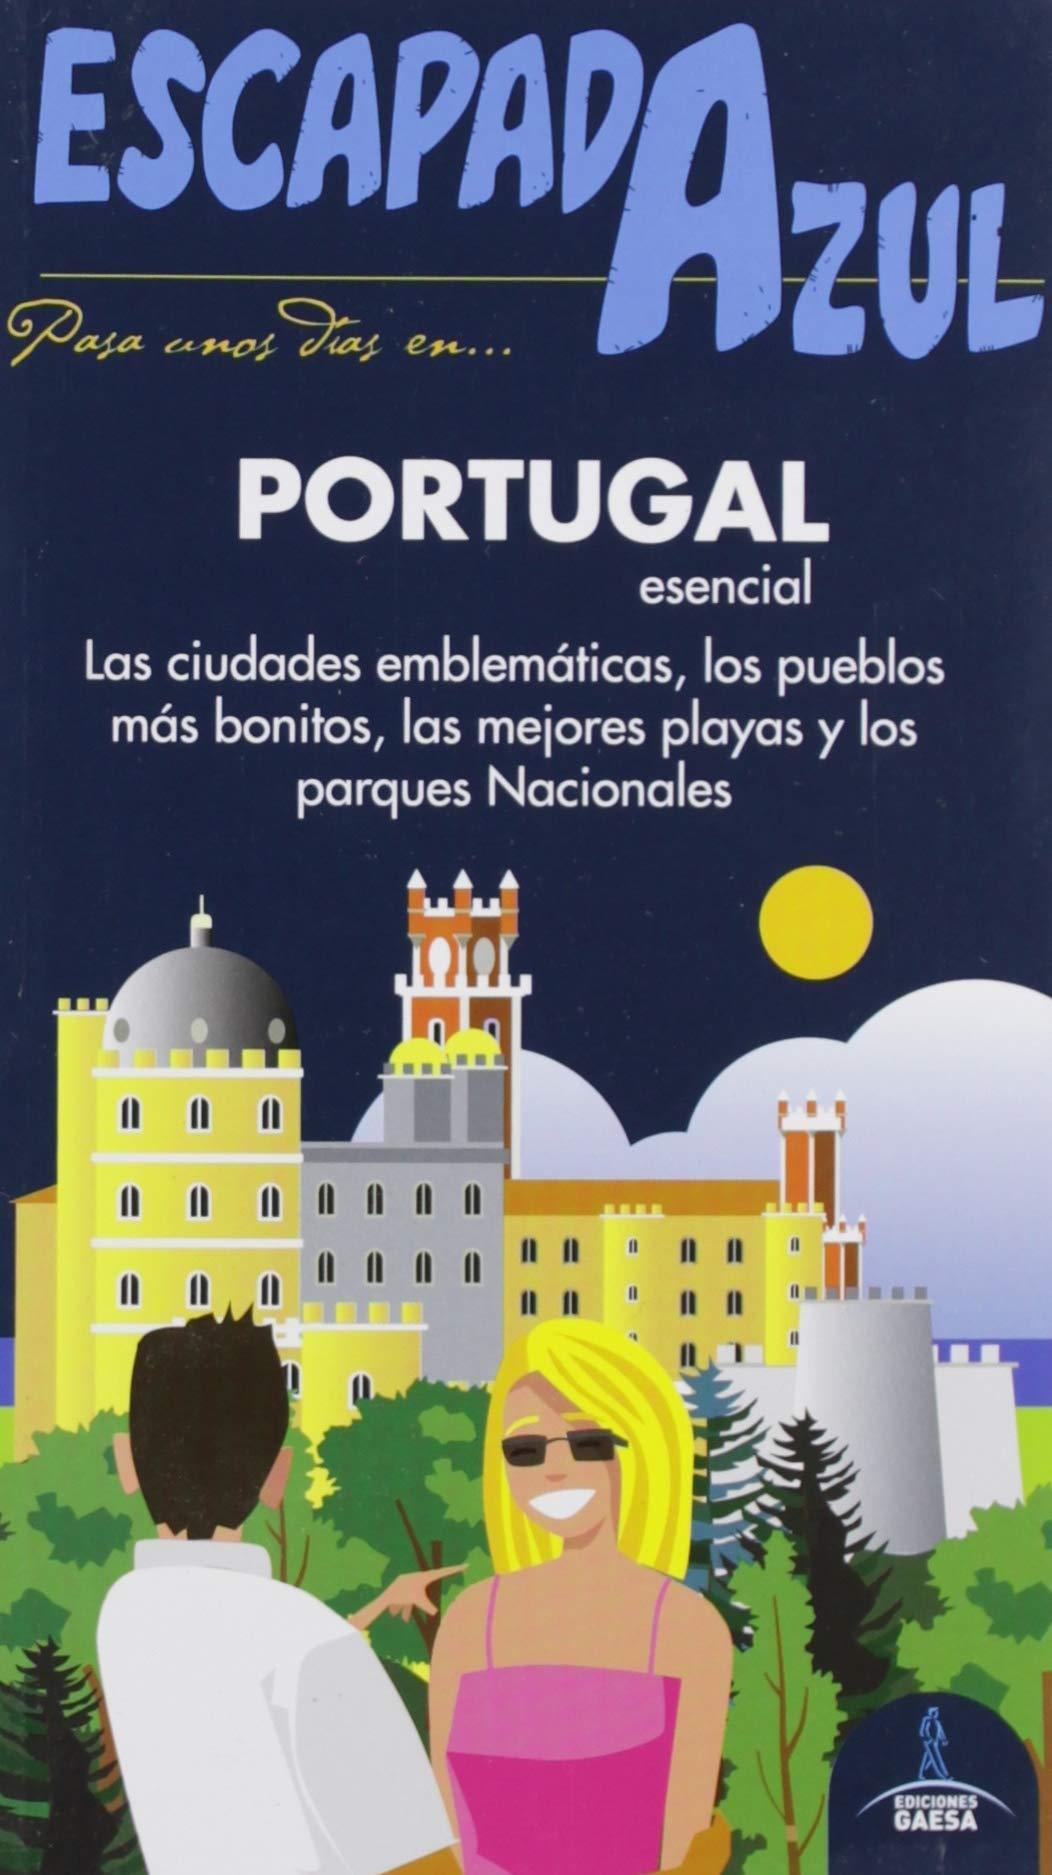 Portugal Esencial: Escapada Azul Portugal Esencial: Amazon.es: Ingelmo, Angel, Monreal, Manuel: Libros